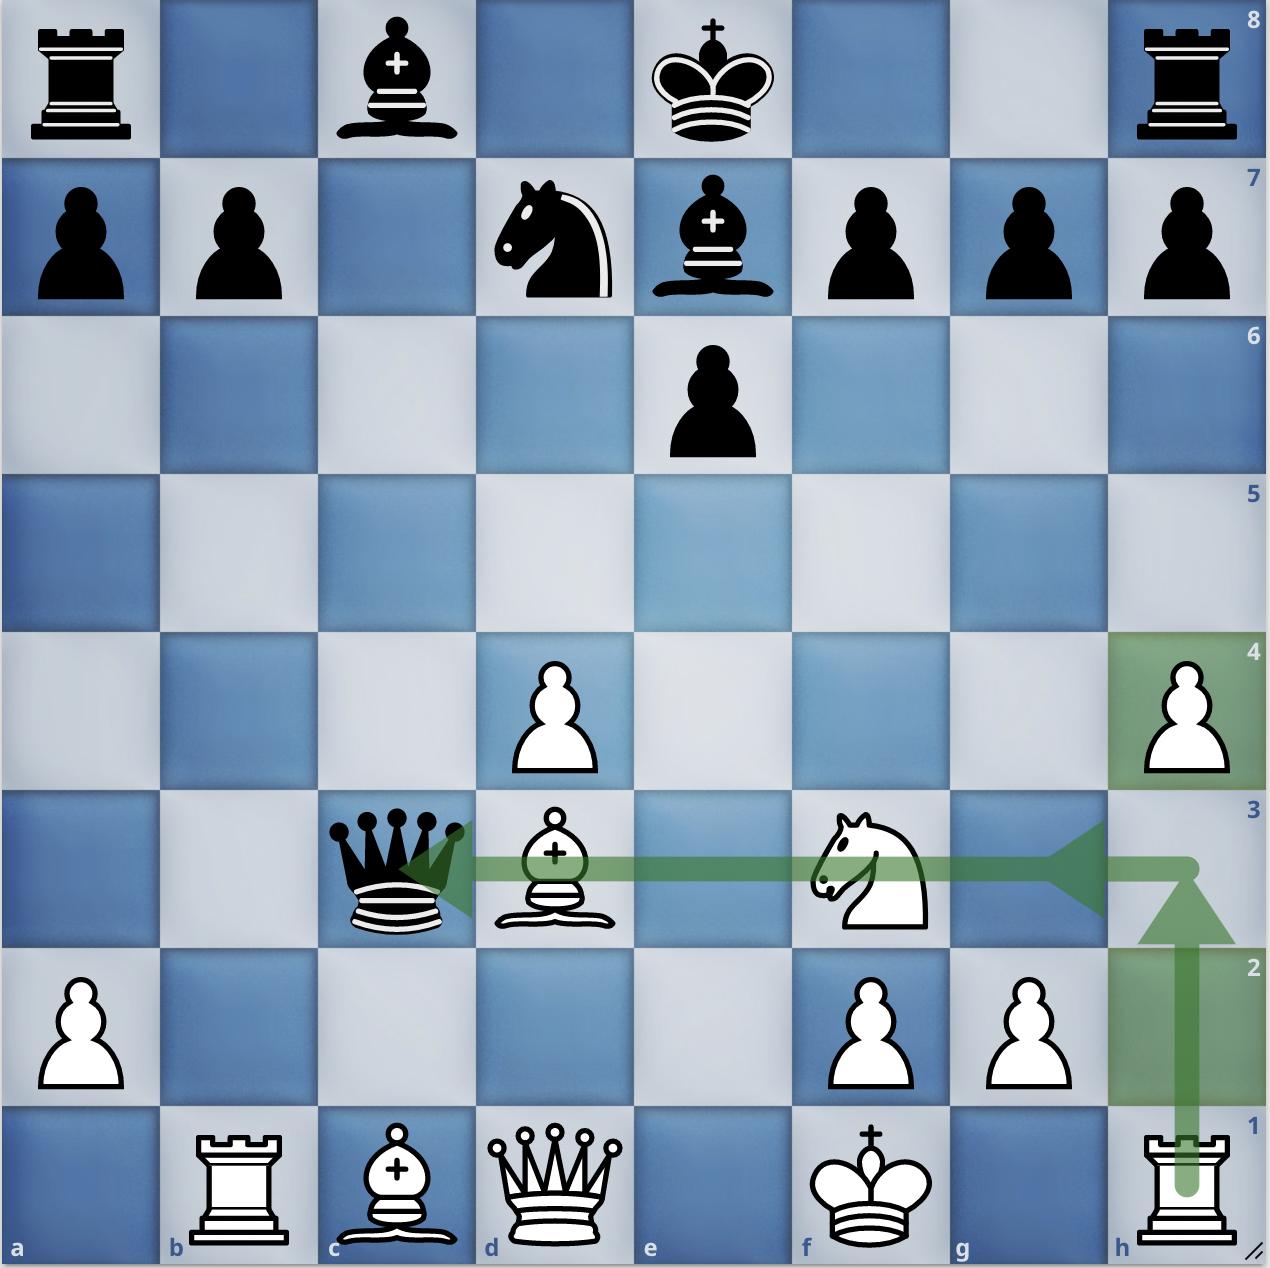 Carlsen chấp nhận mất quyền nhập thành, nhưng lựa chọn đó đã nằm trong toan tính của anh. Với nước 12.h4, Trắng vẫn có thể phải triển xe lên h3, vừa doạ đuổi hậu c3, vừa doạ đi xe sang g3 để tấn công vua đen.